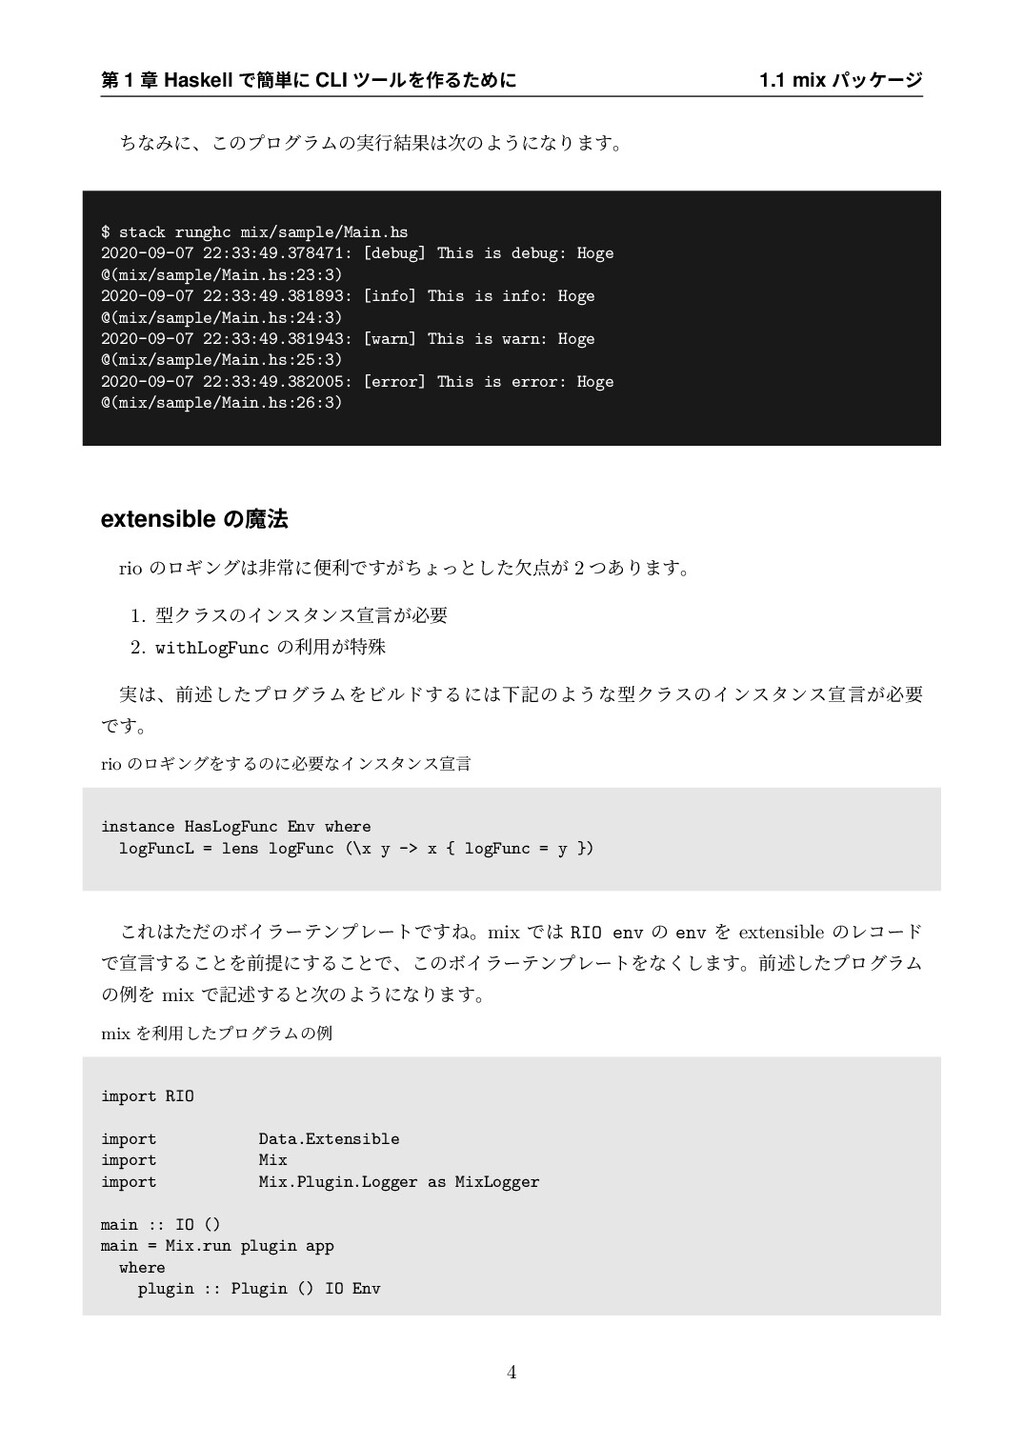 ୈ 1 ষ Haskell Ͱ؆୯ʹ CLI πʔϧΛ࡞ΔͨΊʹ 1.1 mix ύοέʔδ ...